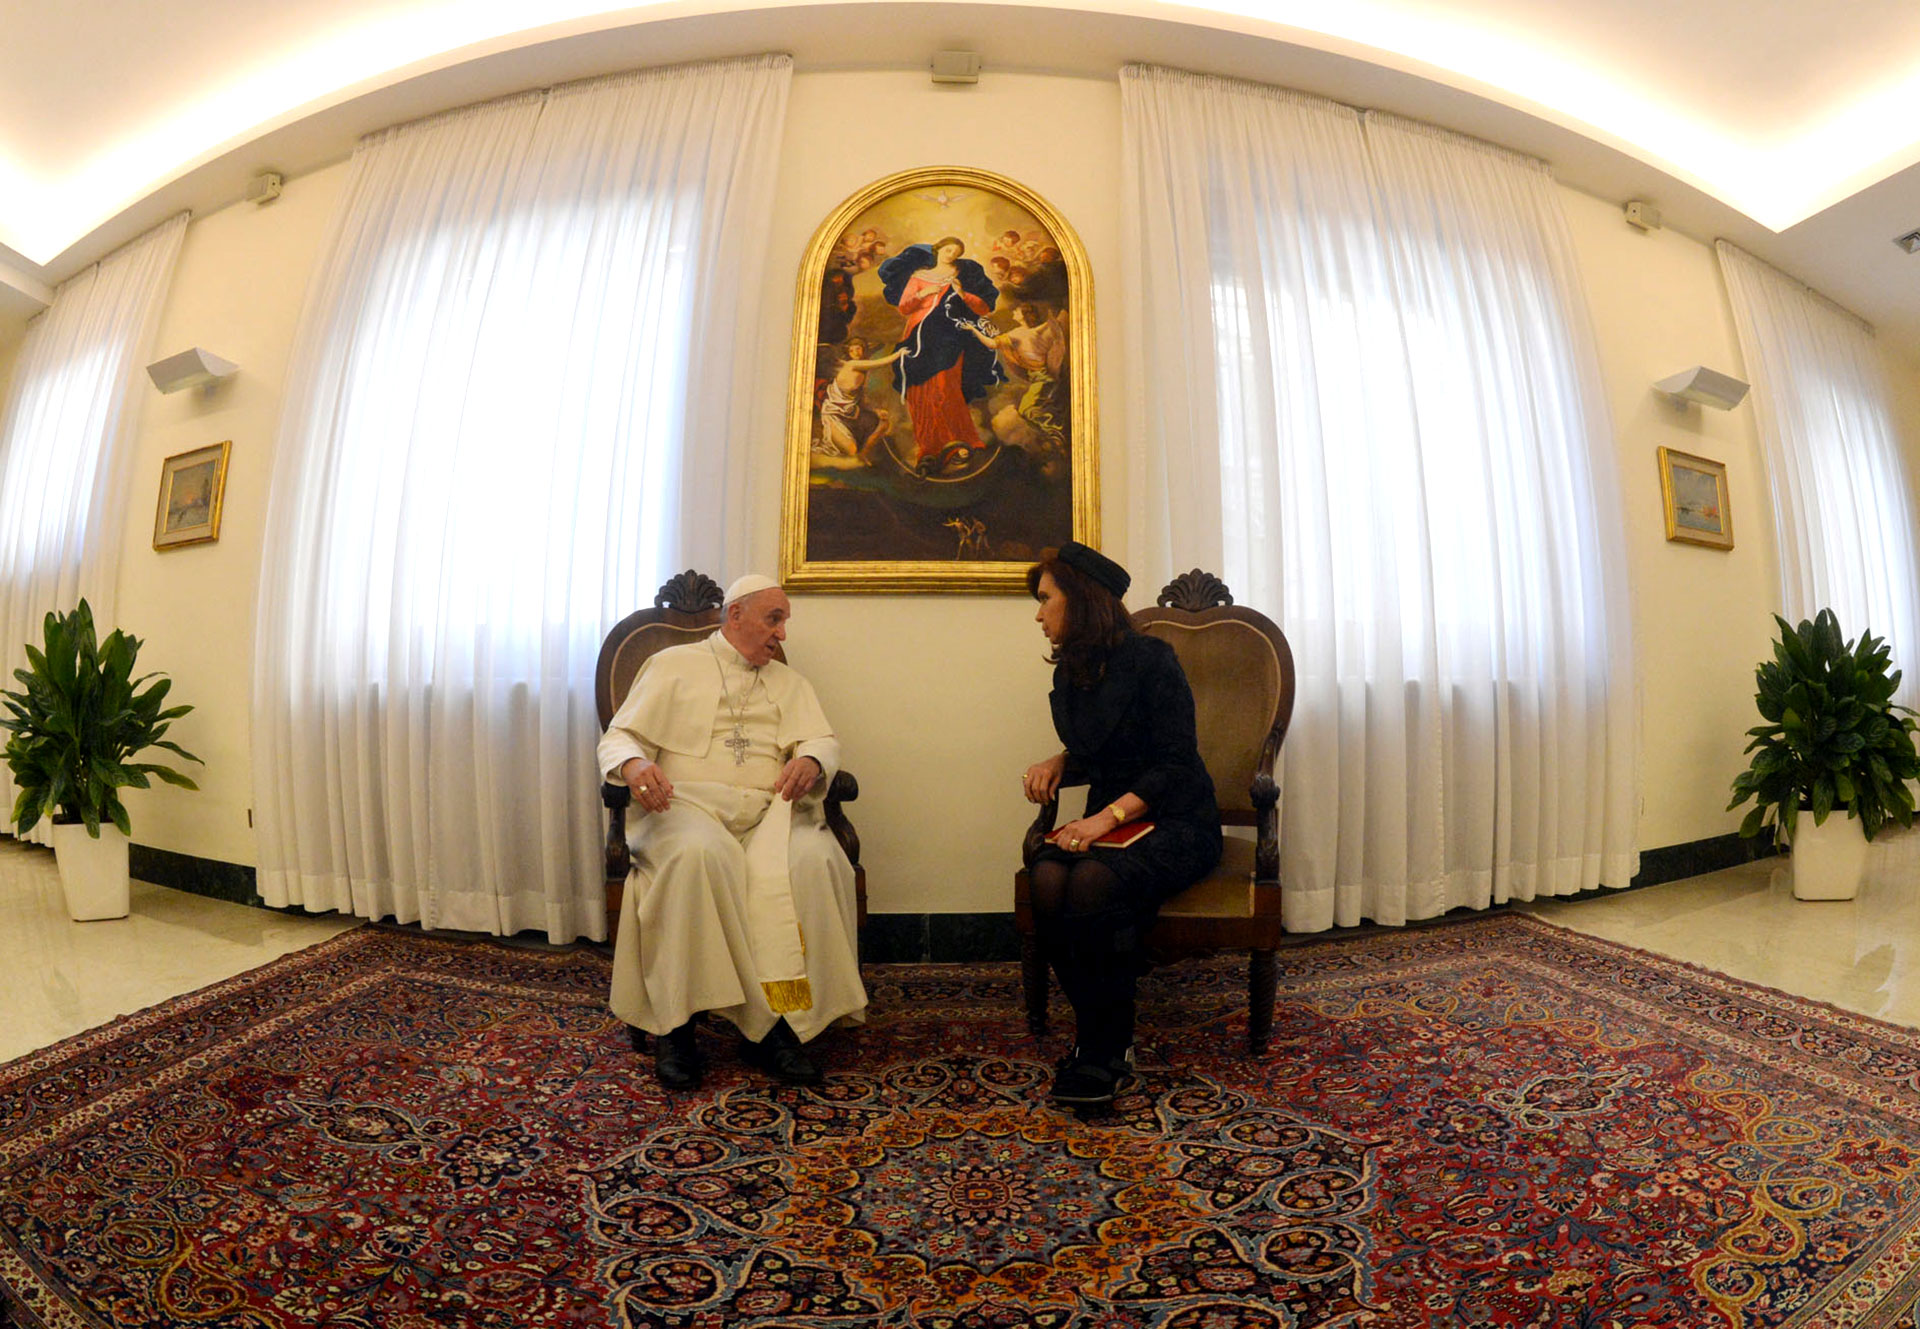 17 de Marzo de 2014. El Papa Francisco recibió a la entonces presidente argentina Cristina Kirchner en su residencia de Santa Marta, en el Vaticano.